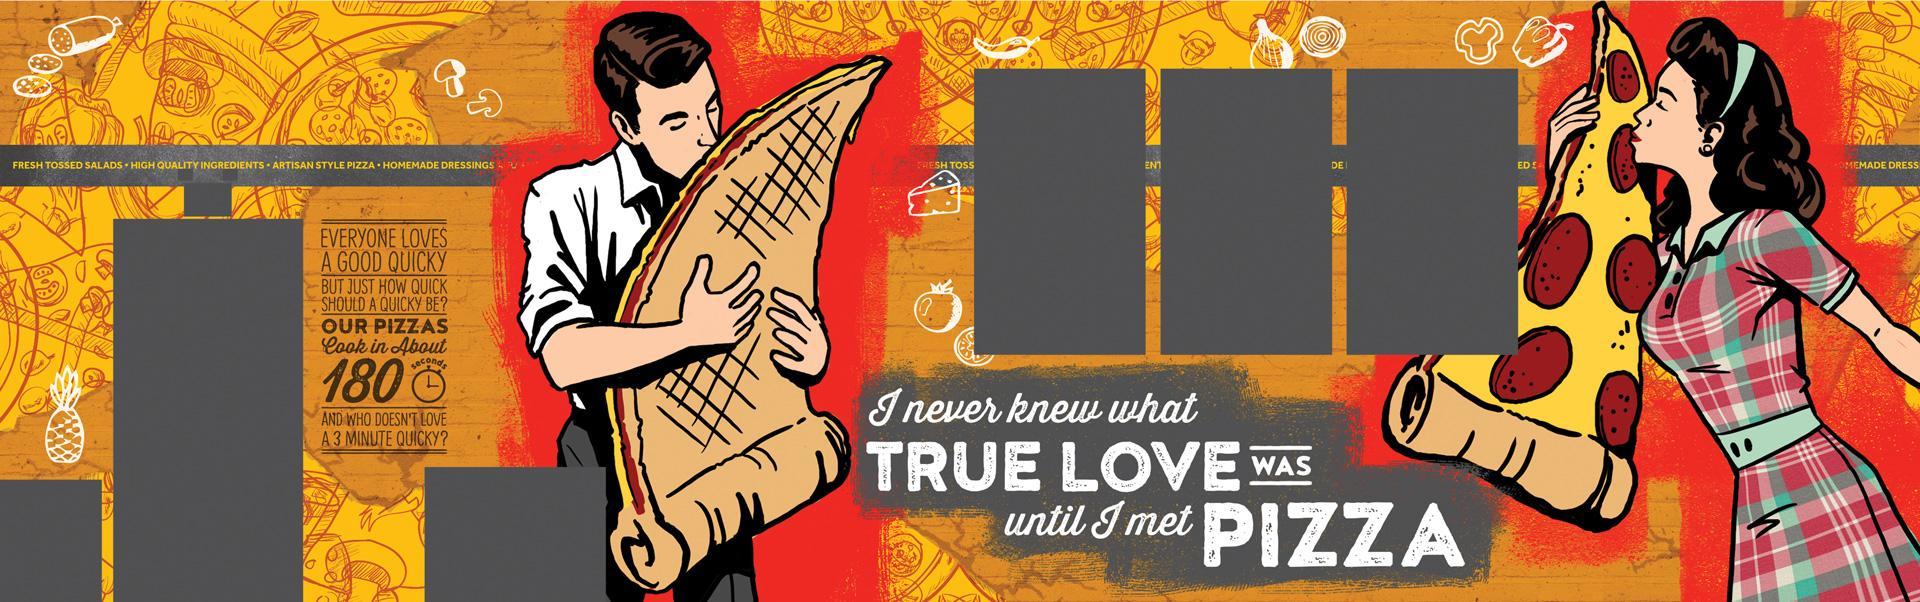 Quicky Pizza Luna Creative Graphic Design San Antonio Graphic Design Wall